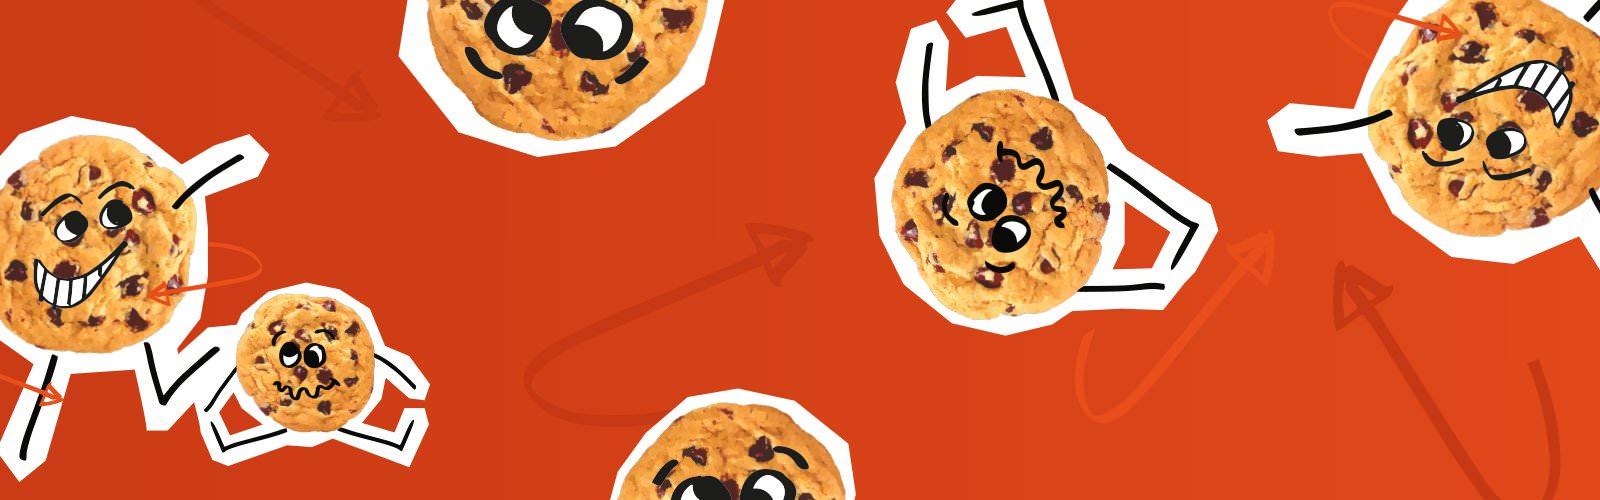 Cookie Richtline wird sich ändern